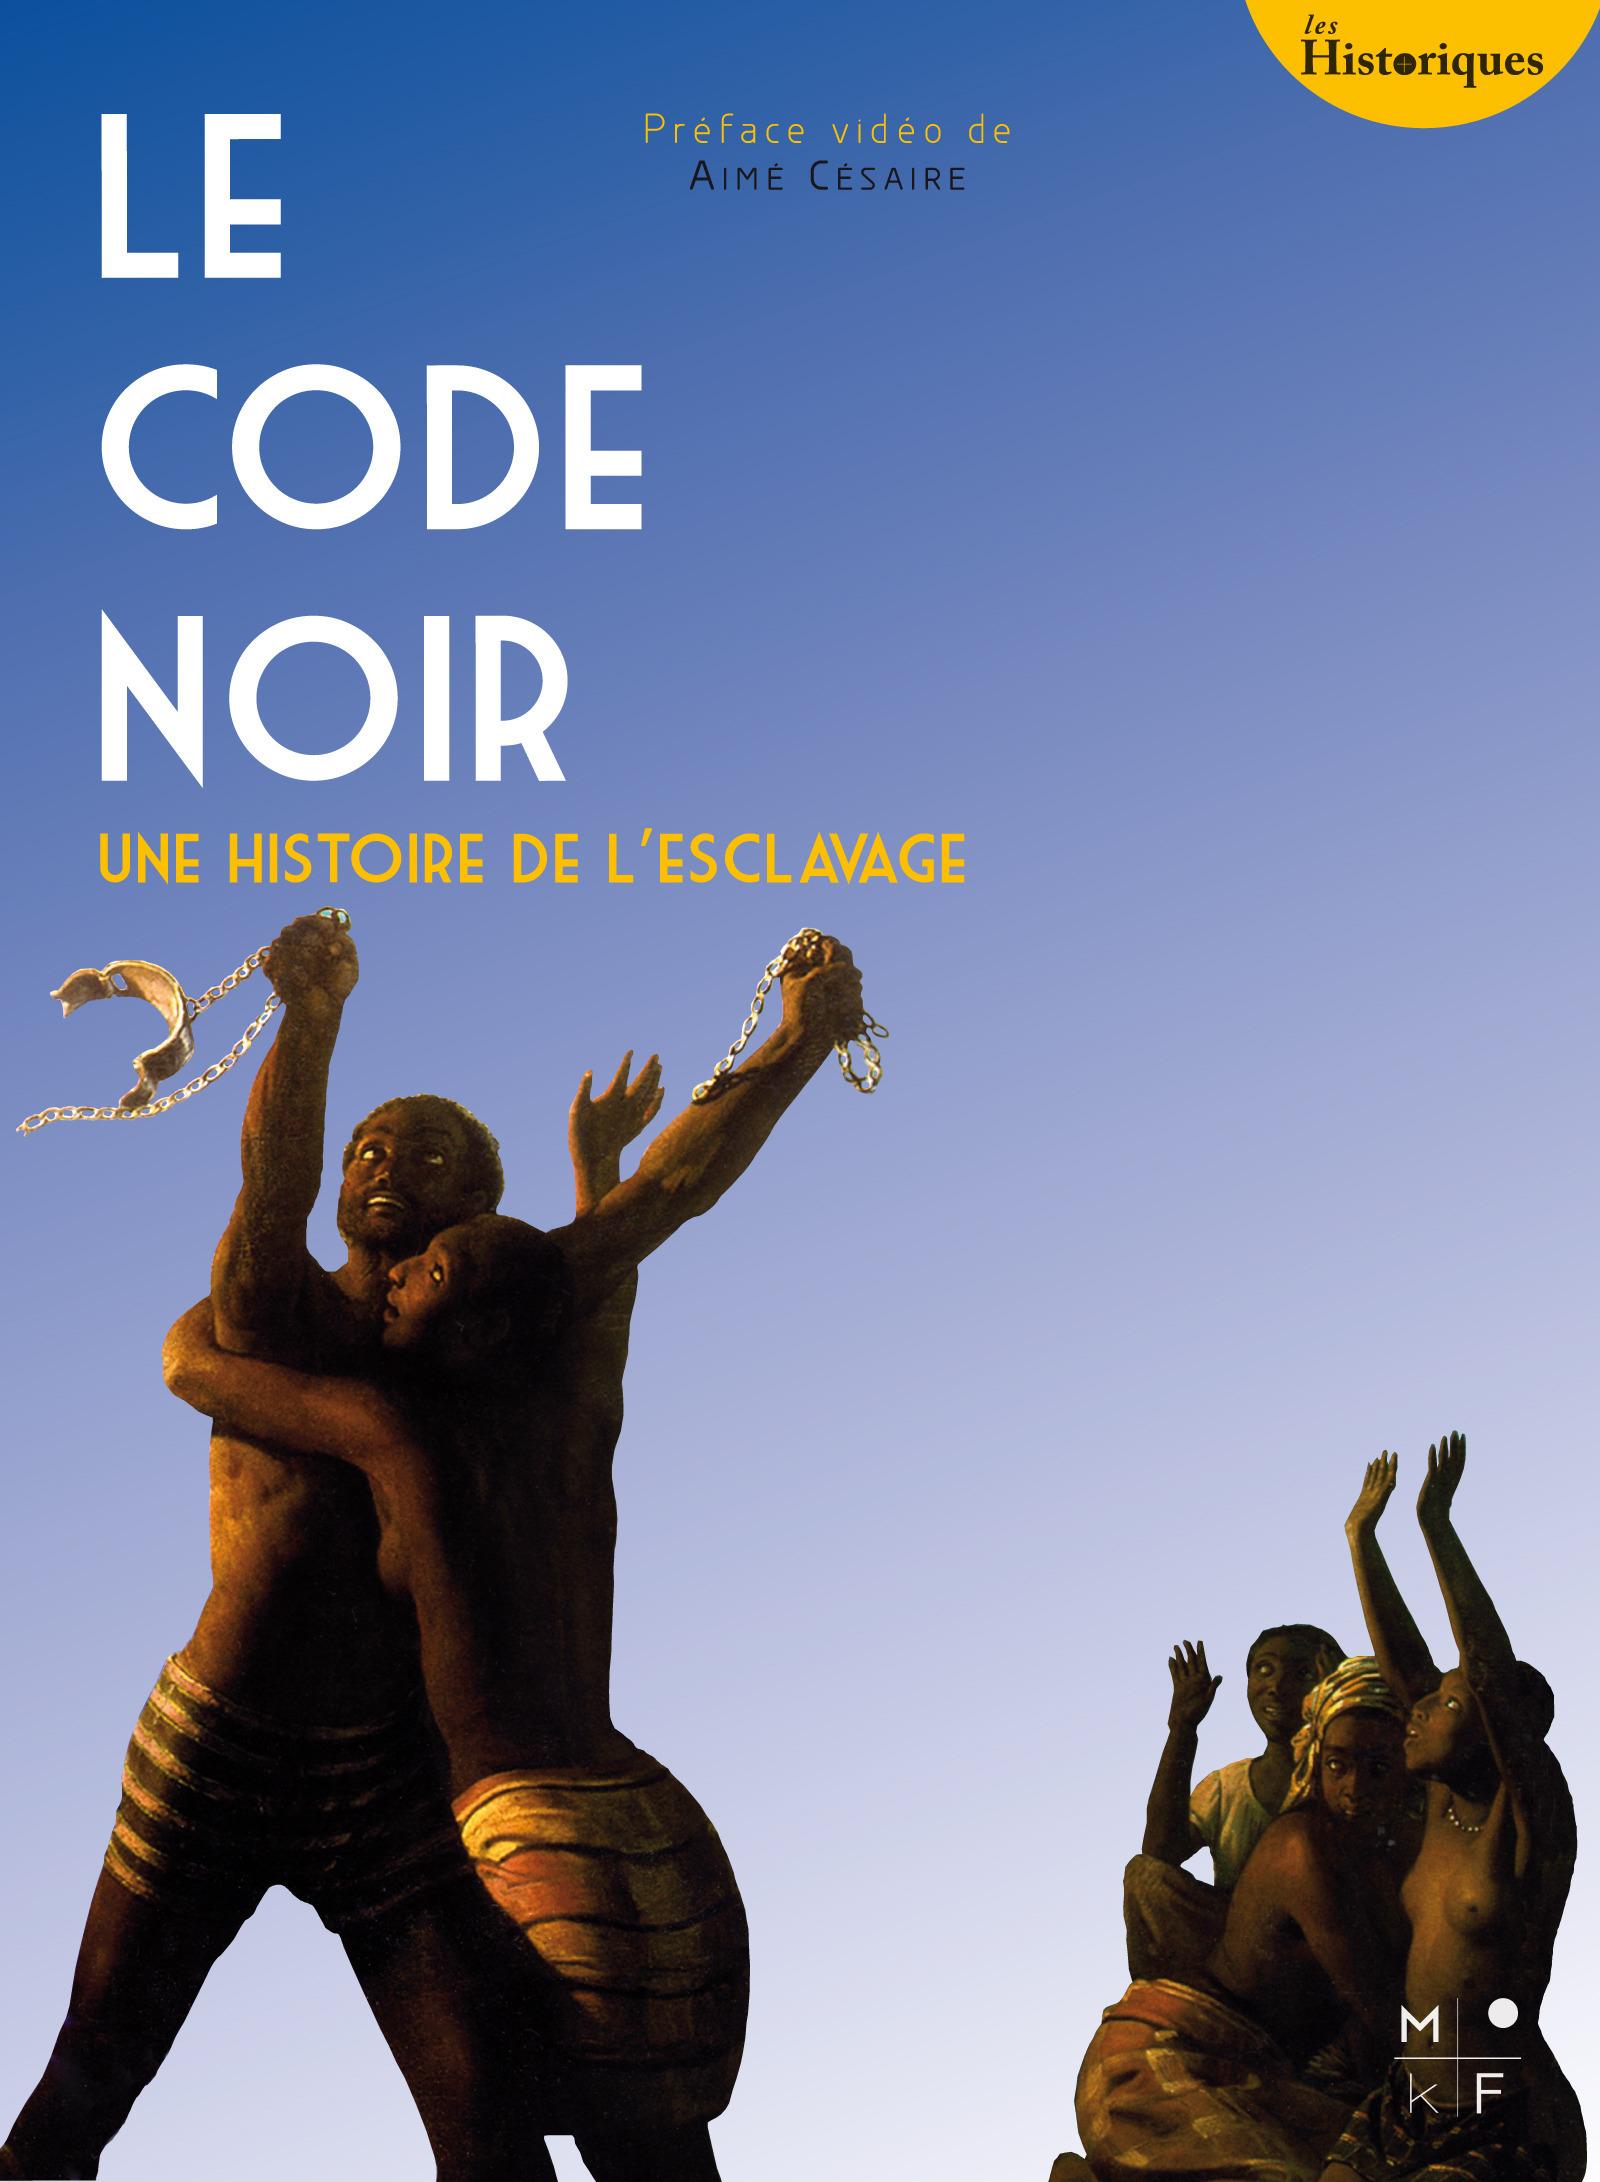 Le code noir, une histoire de l'esclavage